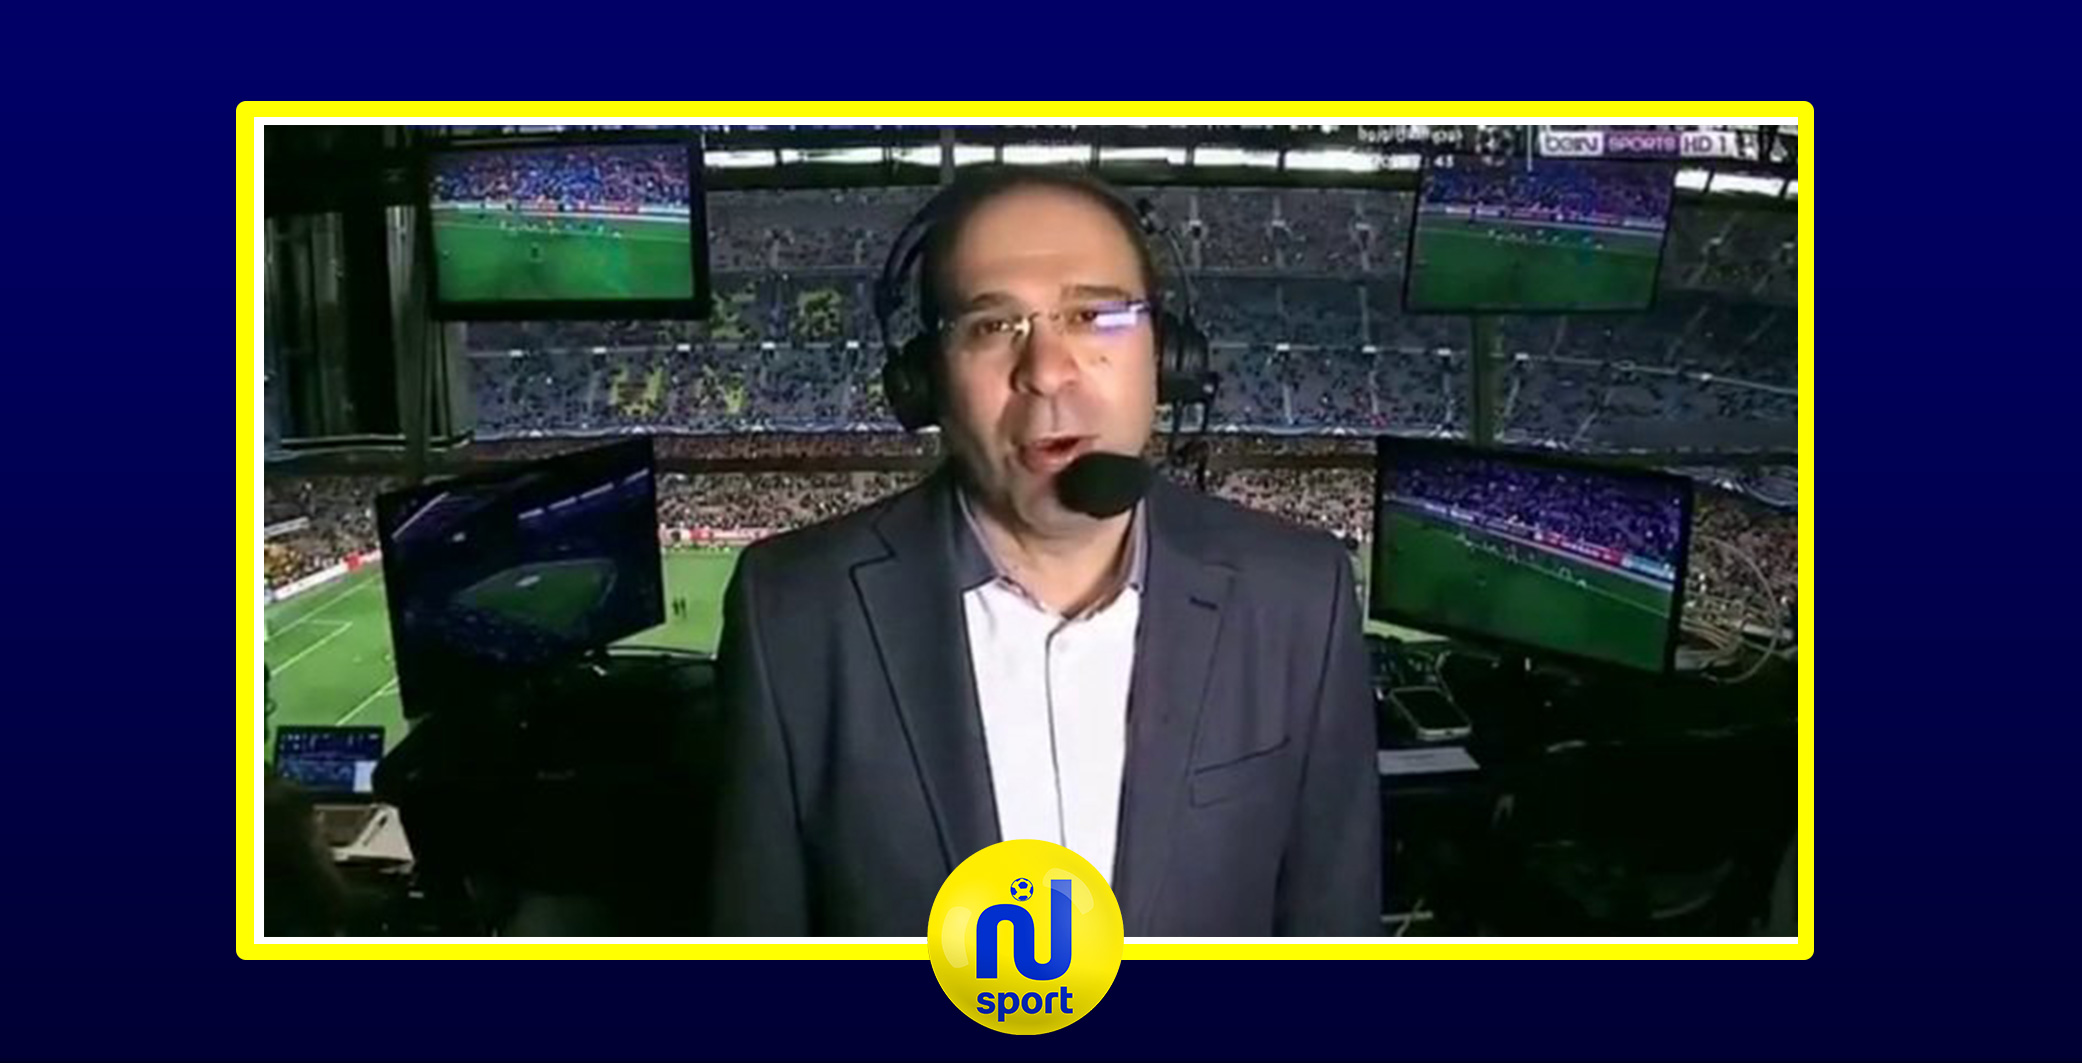 عصام الشوالي يتولى التعليق على مباراة الترجي الرياضي والأهلي المصري